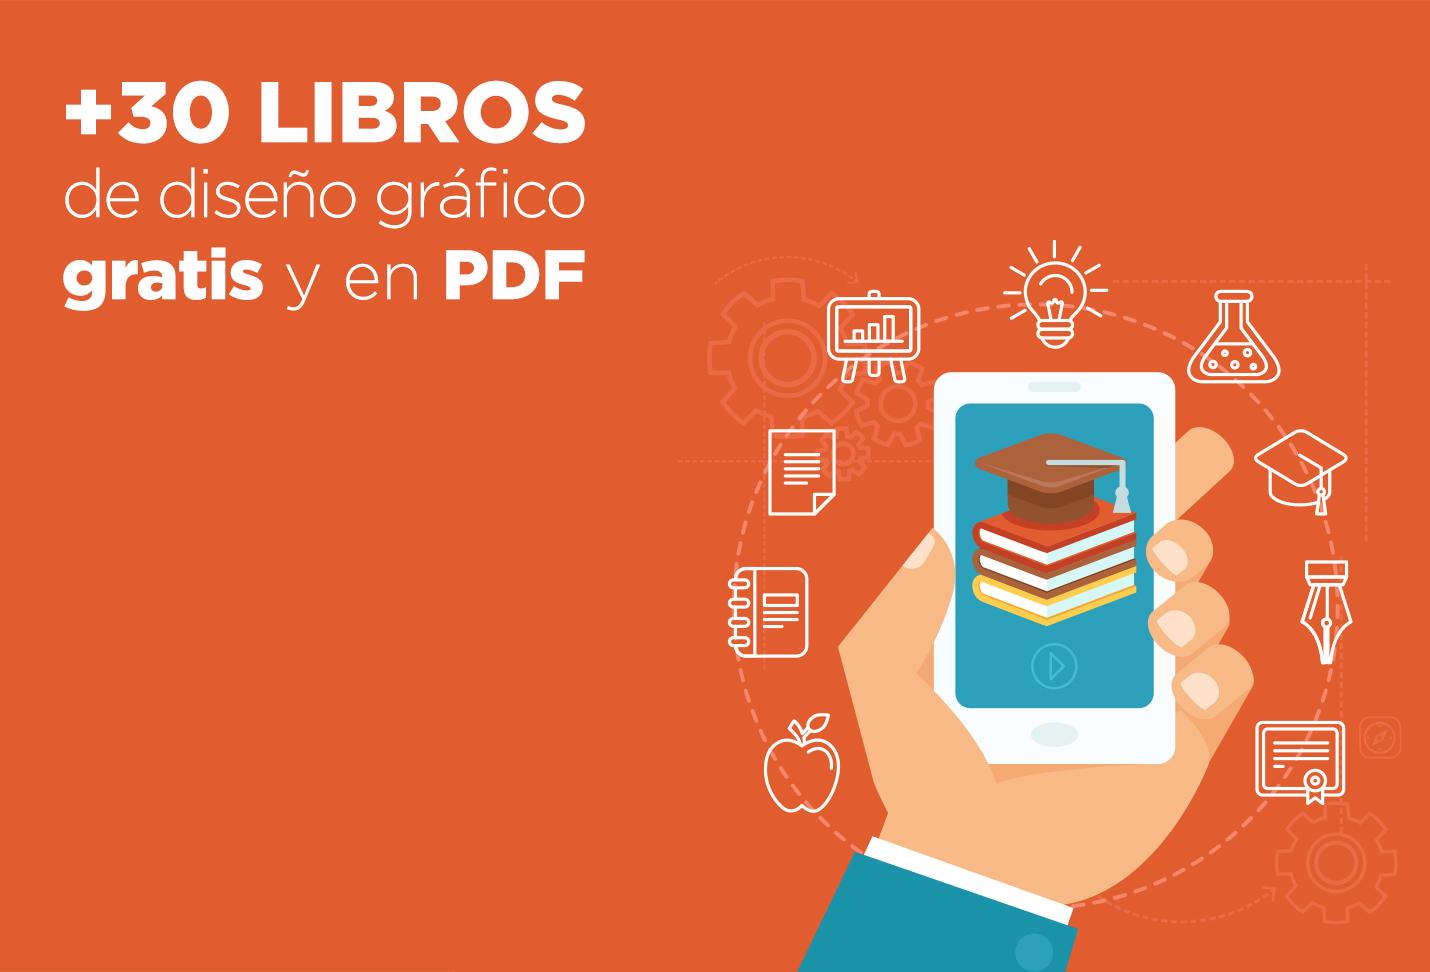 30 libros de dise o gr fico gratis y en pdf el rinc n - Librerias de diseno ...